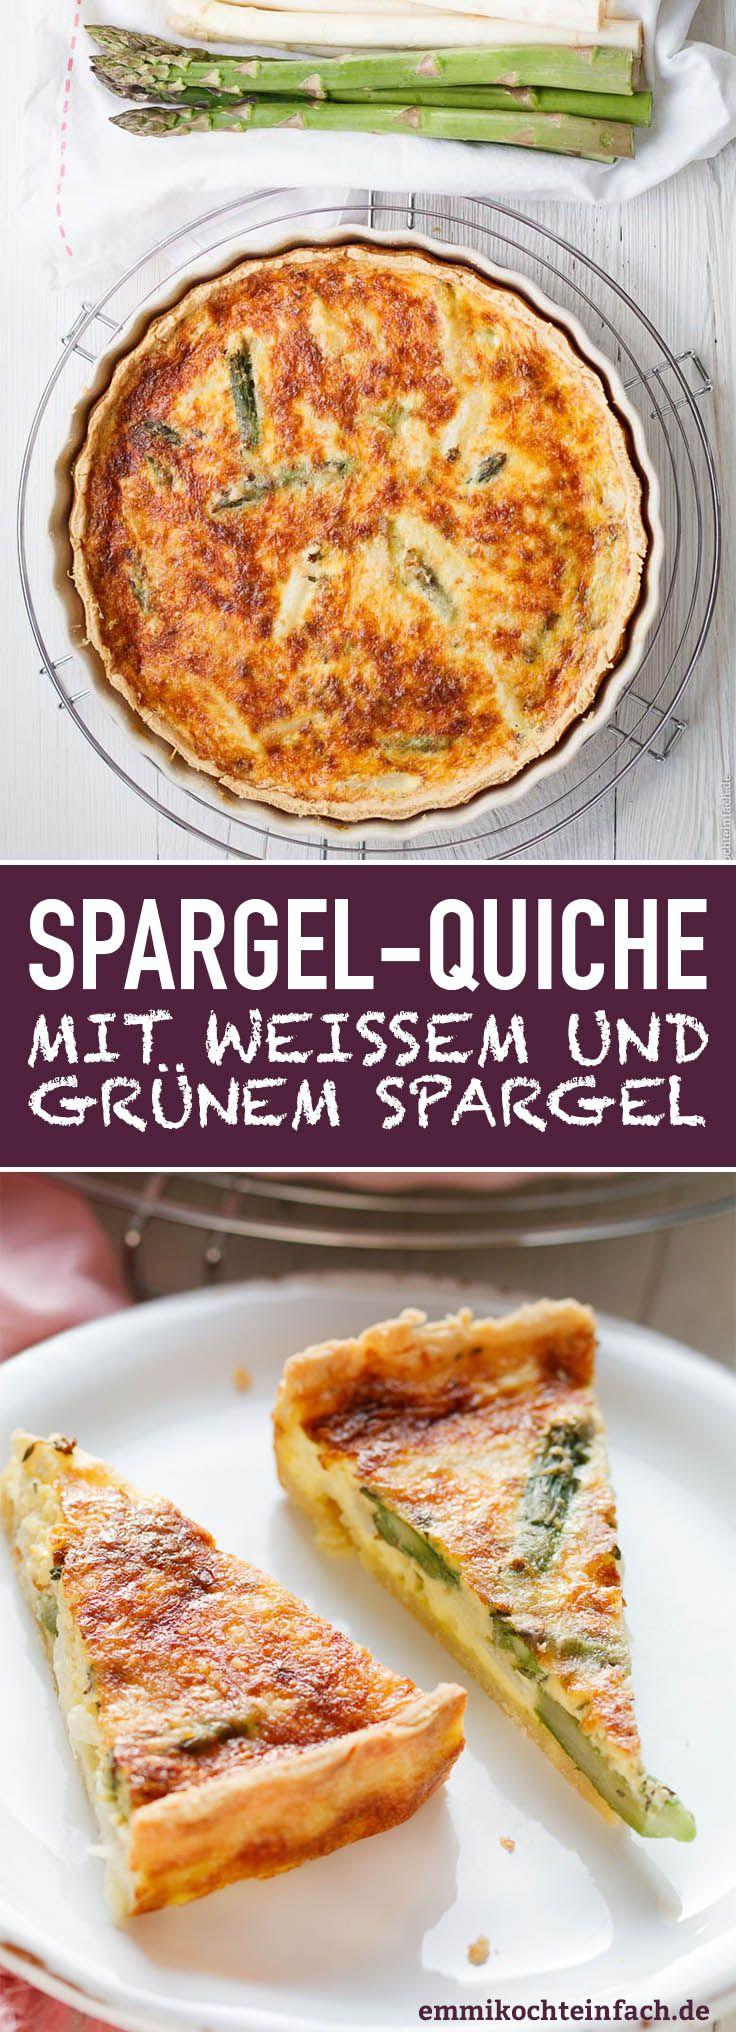 Spargelquiche - www.emmikochteinfach.de